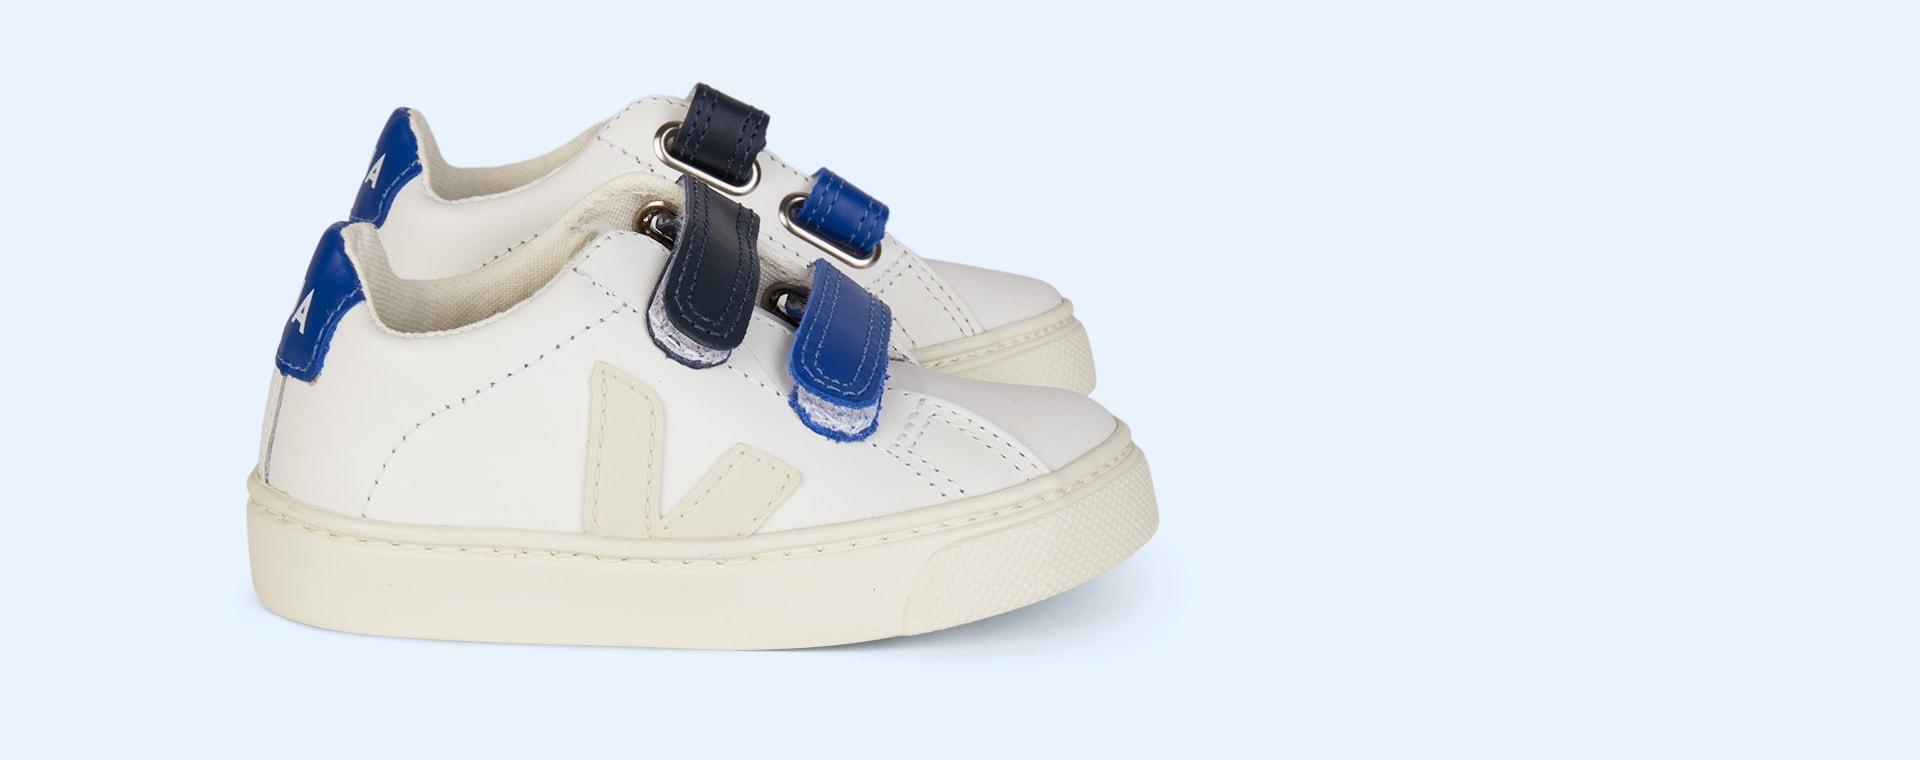 Pierre Blue Veja Esplar Small Velcro Trainer